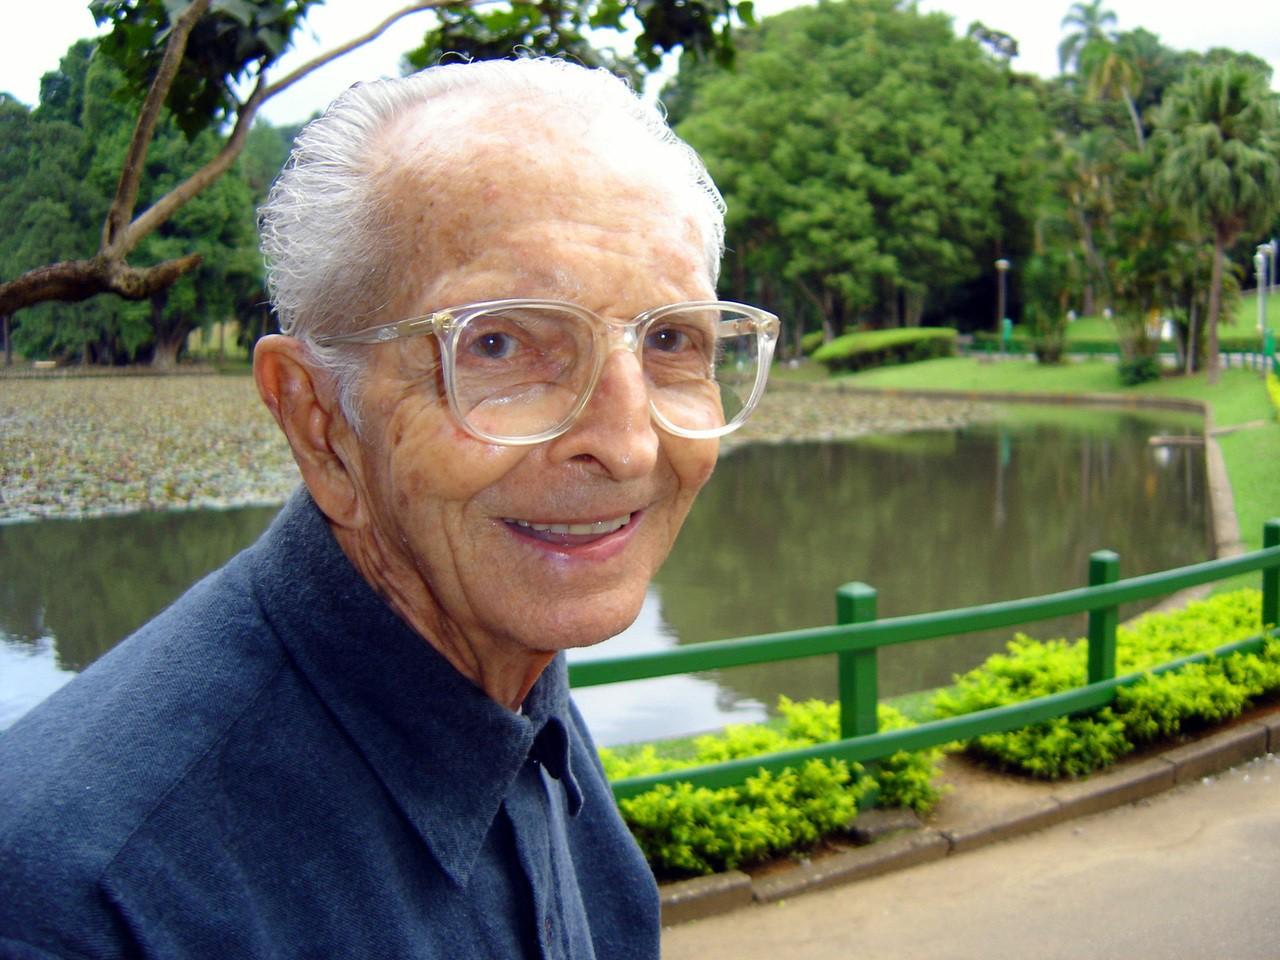 Potrzebna specjalistyczna opieka dla osób starszych